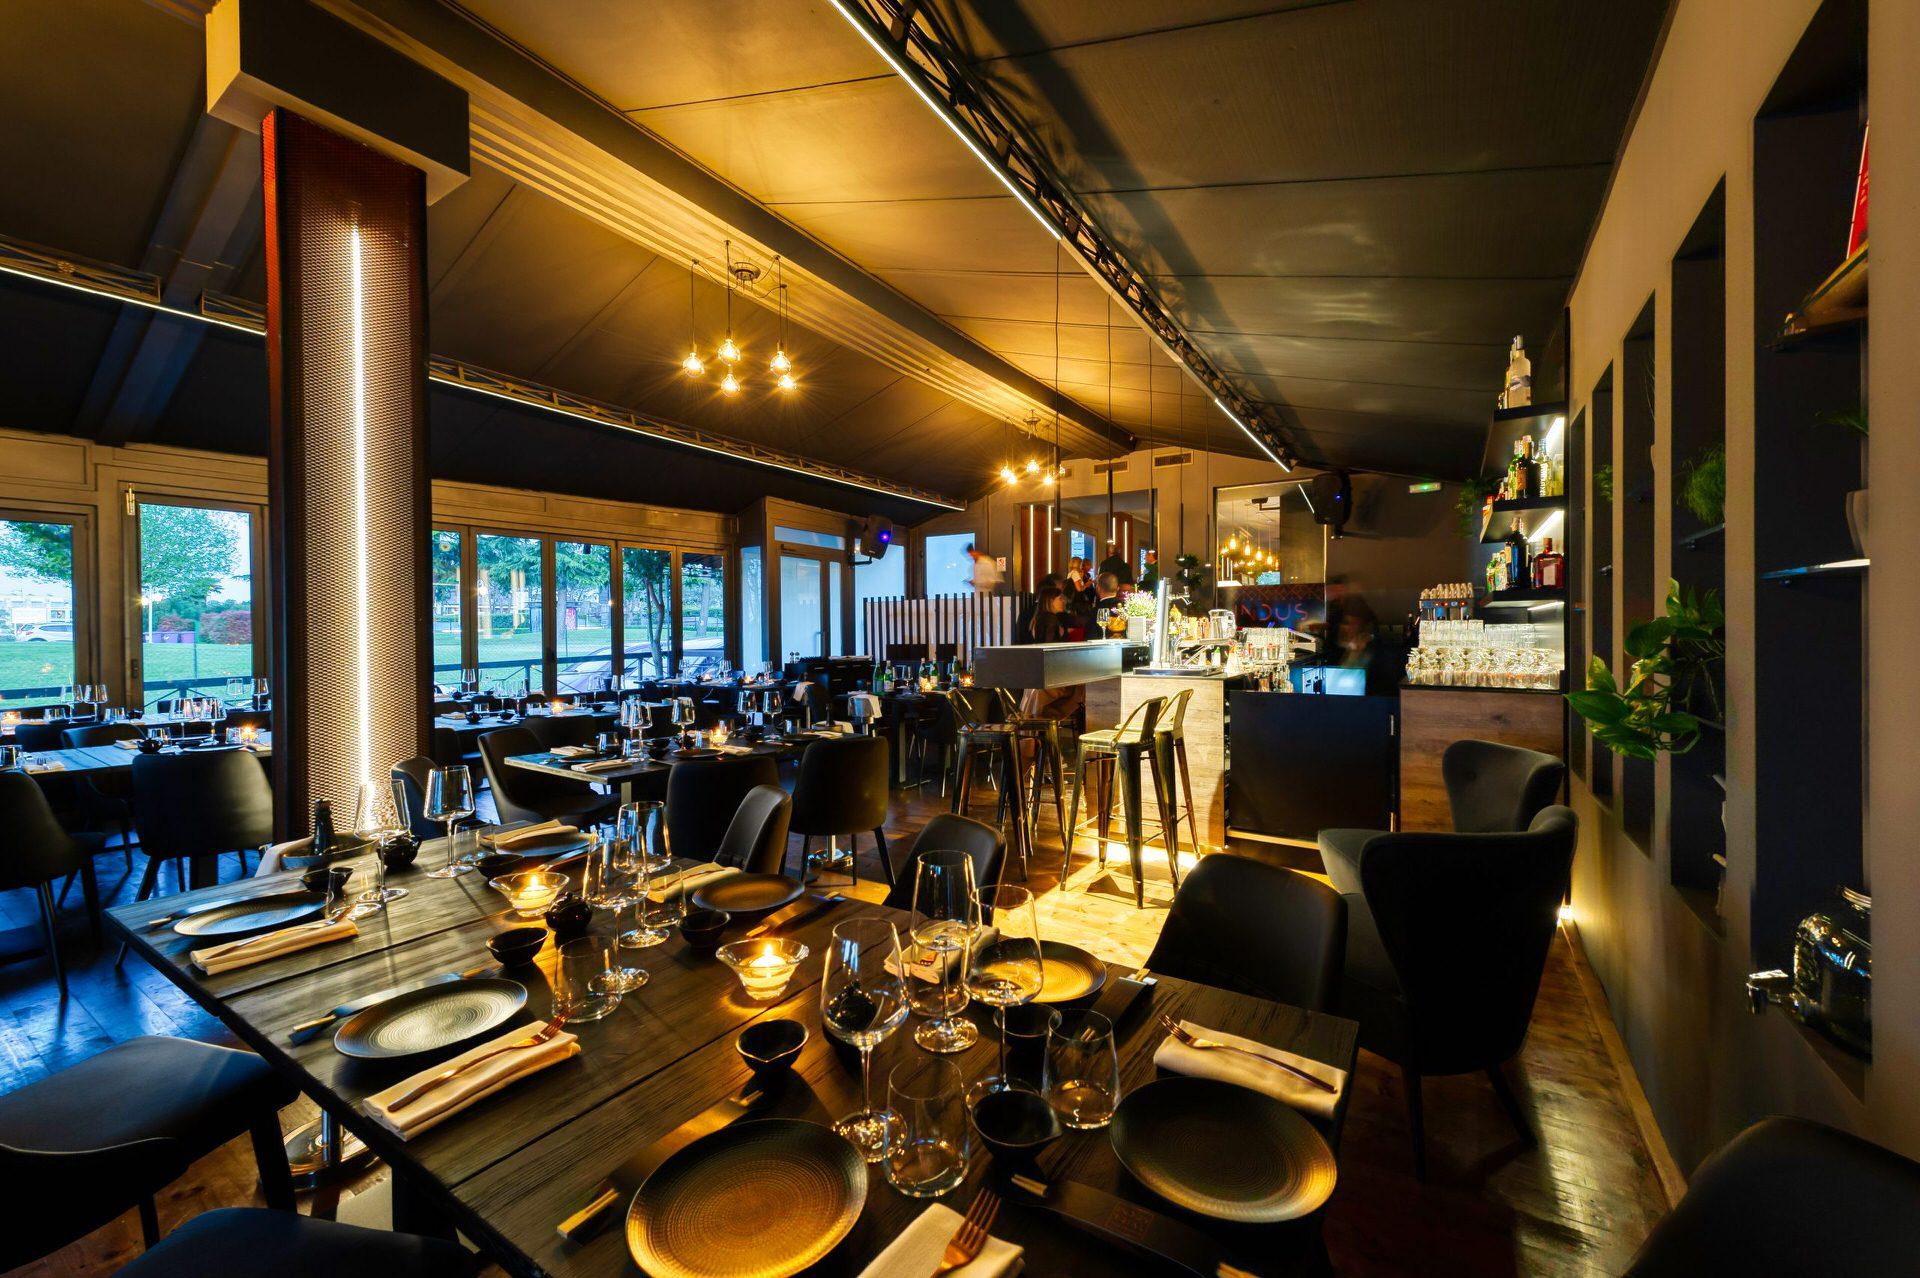 servizio fotografico professionale commerciale design arredamento ristorante